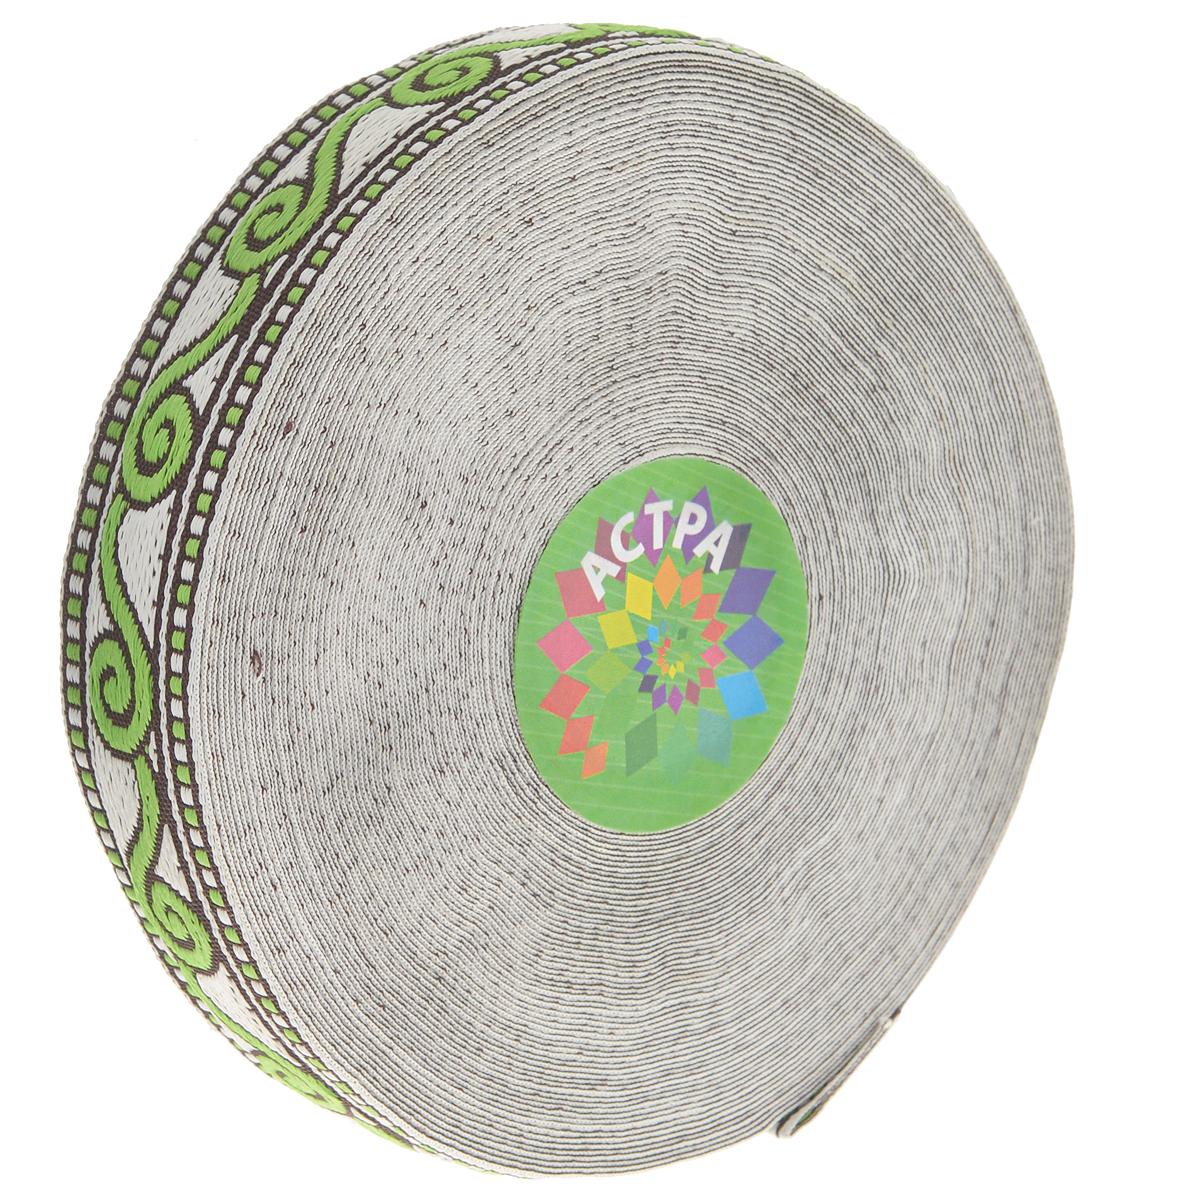 Тесьма декоративная Астра, цвет: зеленый (2), ширина 2 см, длина 16,4 м. 77032717703269_2Декоративная тесьма Астра выполнена из текстиля и оформлена оригинальным орнаментом. Такая тесьма идеально подойдет для оформления различных творческих работ таких, как скрапбукинг, аппликация, декор коробок и открыток и многое другое.Тесьма наивысшего качества и практична в использовании. Она станет незаменимом элементов в создании рукотворного шедевра.Ширина: 2 см. Длина: 16,4 м.